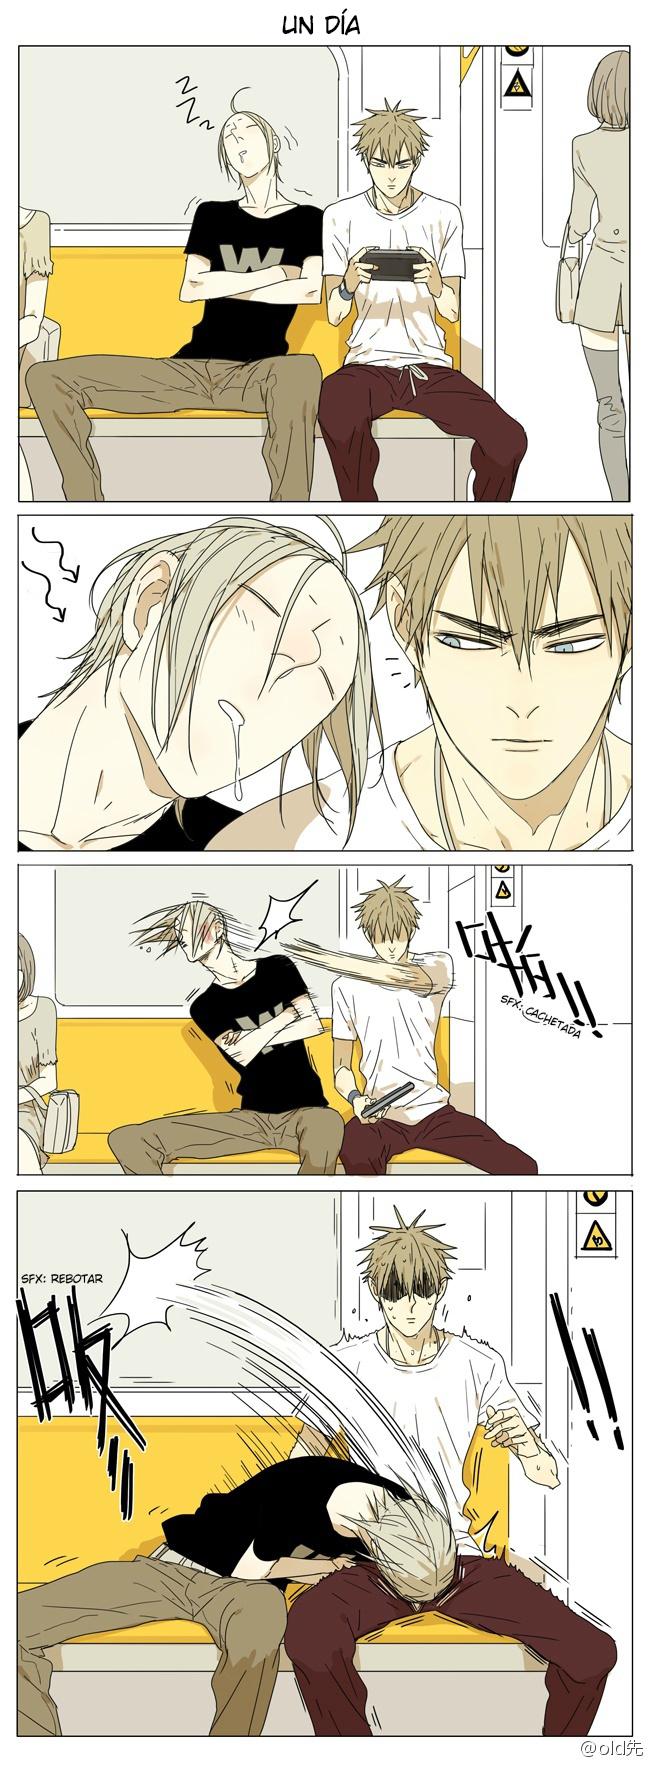 http://c5.ninemanga.com/es_manga/7/15943/381020/af64b05ee108fa0c8e4a93c17cd0f963.jpg Page 10